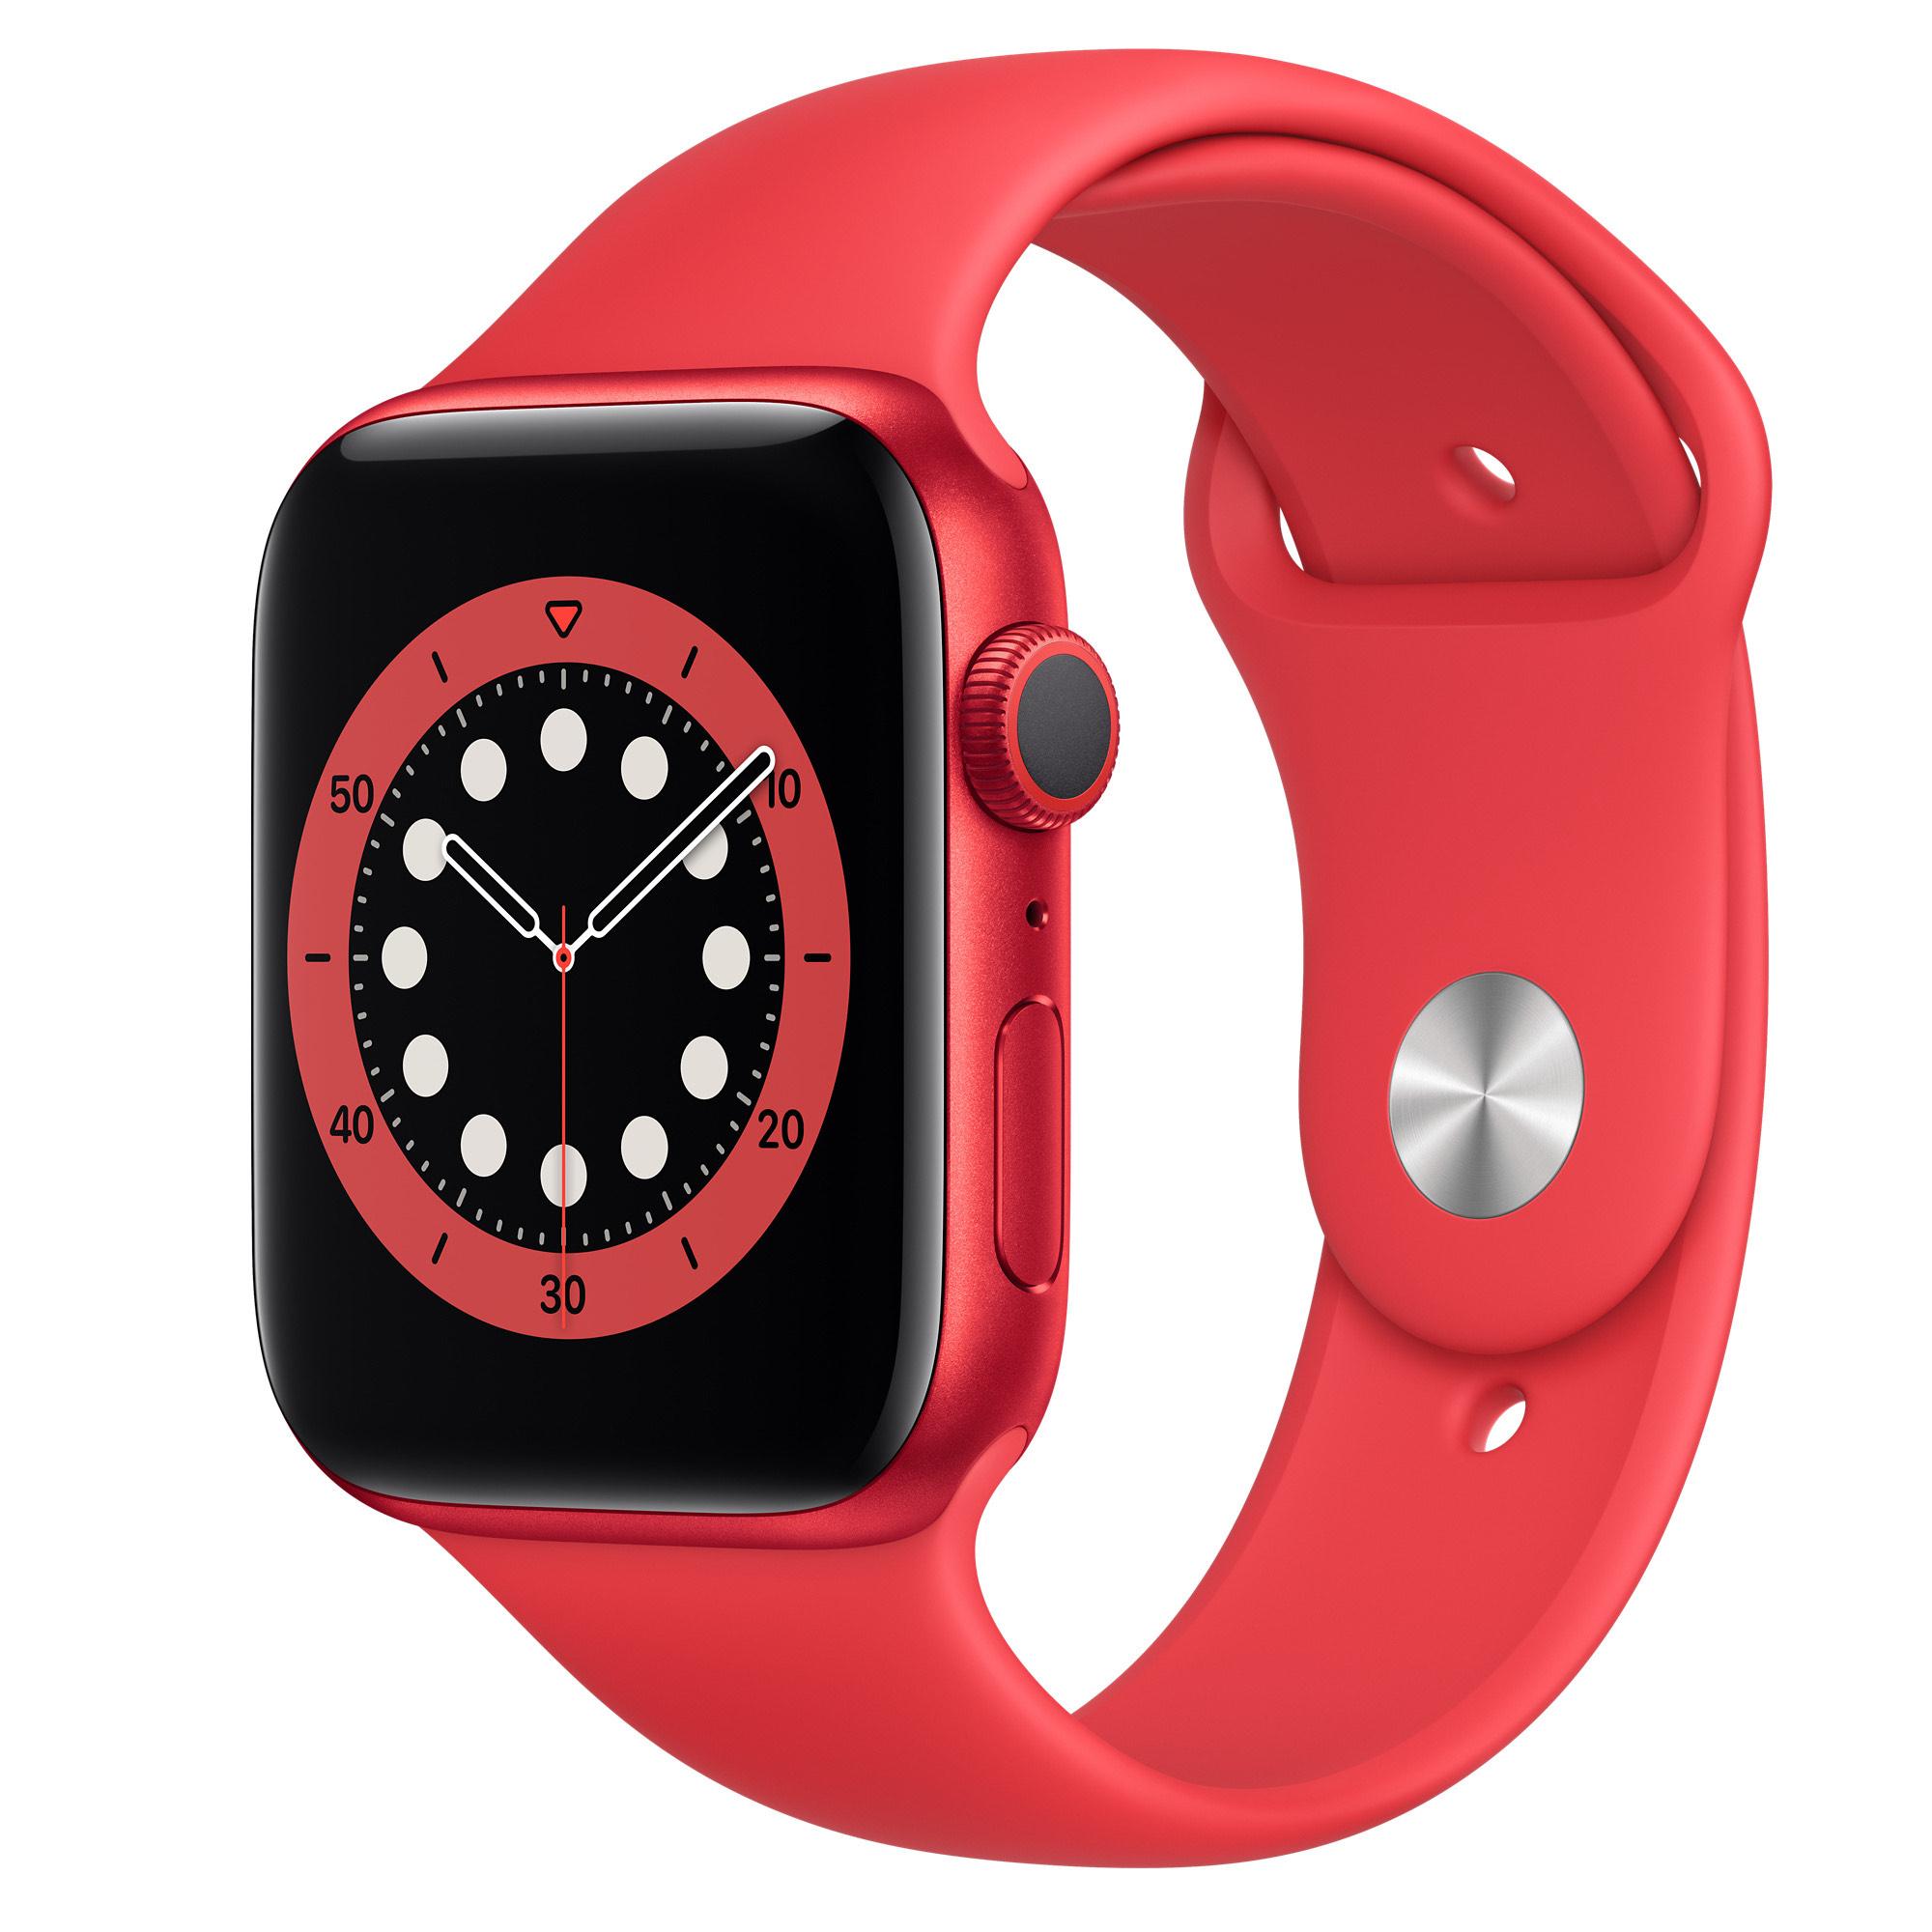 Montre connectée Apple Watch série 6 - 44mm, Rouge (vendeur tiers)